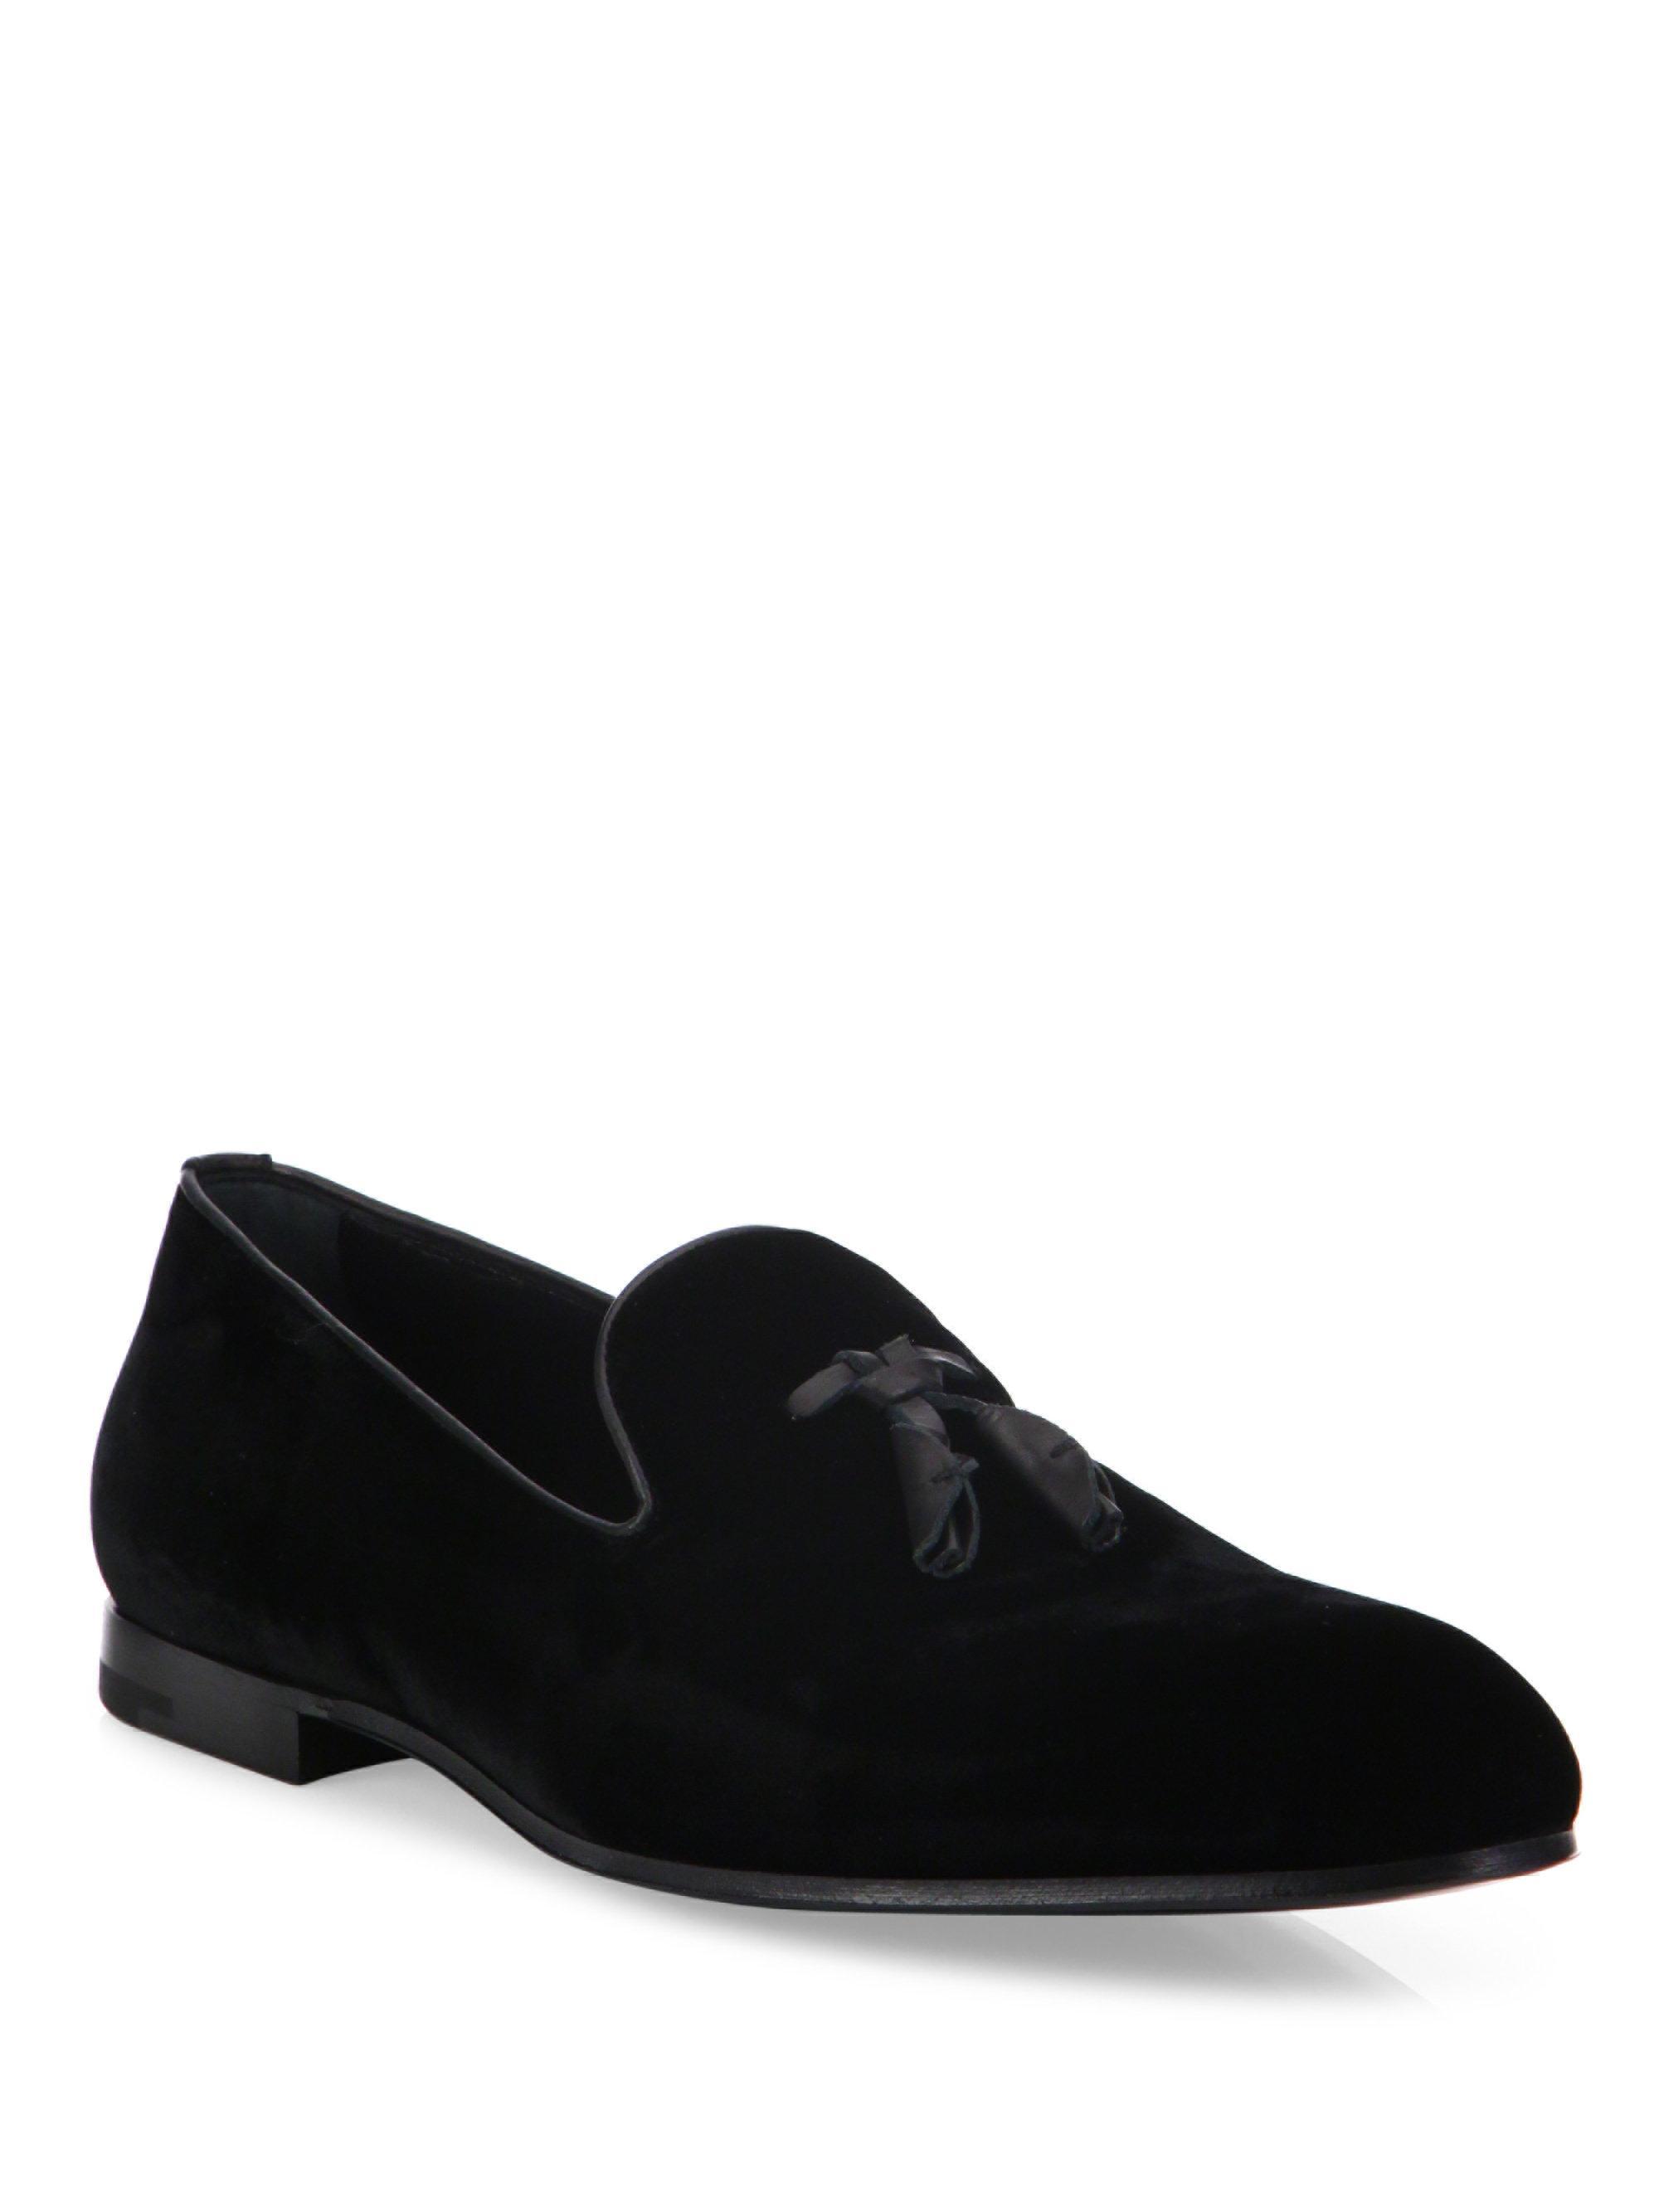 ermenegildo zegna velvet slip on dress shoes in black for